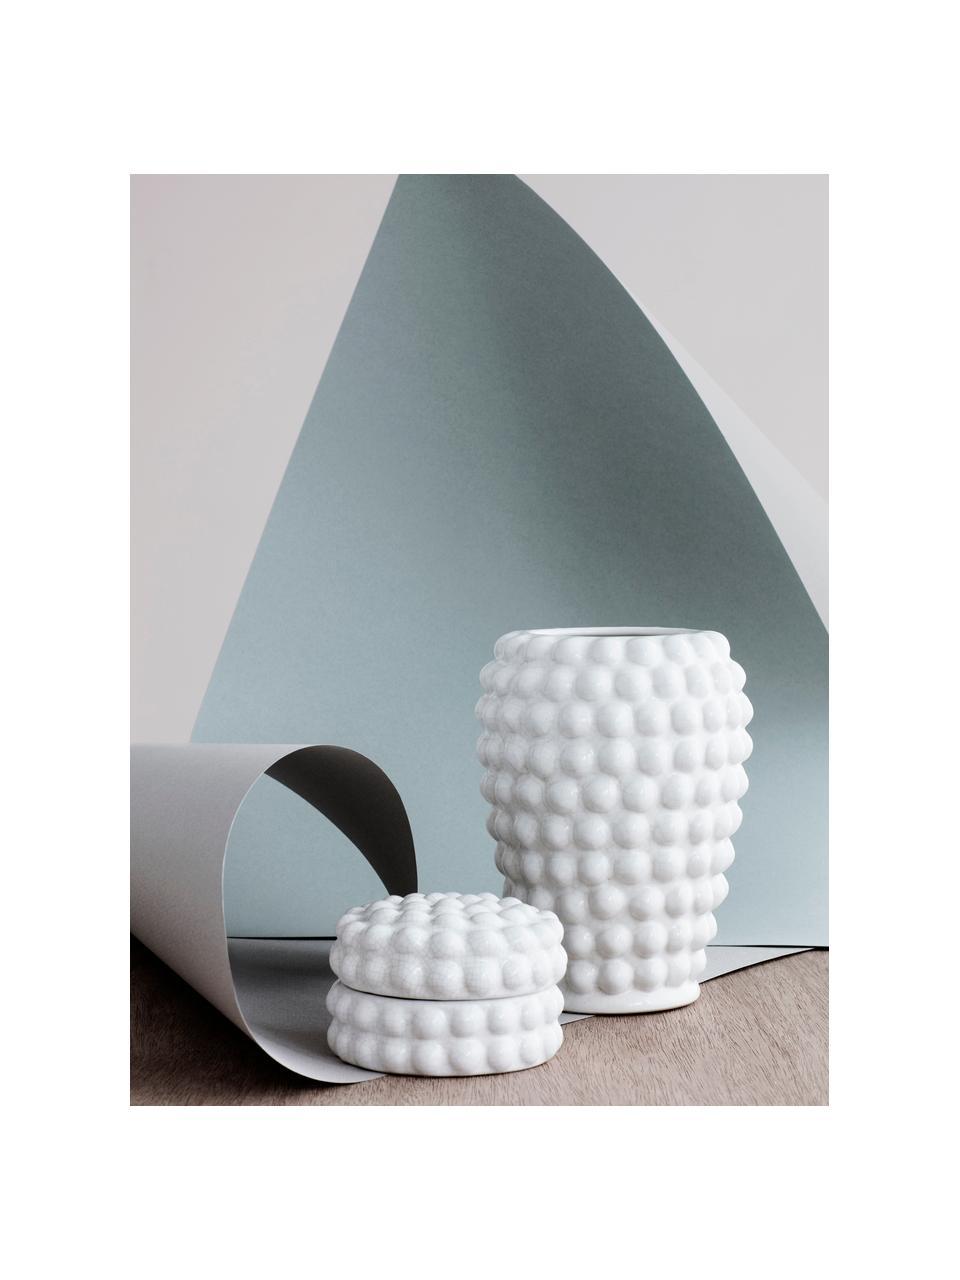 Deko-Vase Dotty aus Keramik, Keramik, glasiert und nicht wasserdicht, Elfenbeinfarben, Ø 14 x H 20 cm